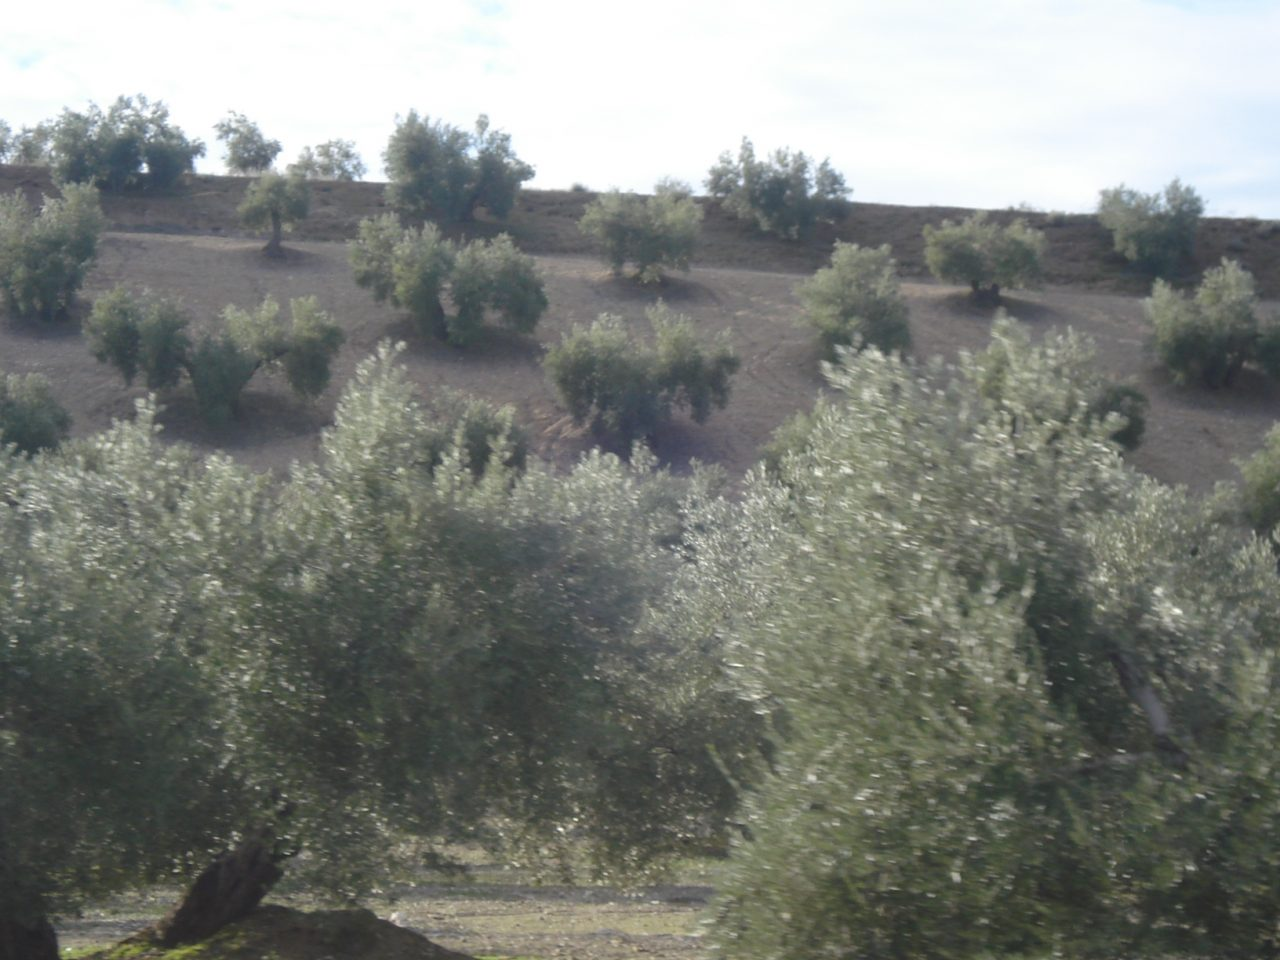 El plazo de solicitud de ayudas para la modernización de explotaciones agrarias acaba el 24 de septiembre